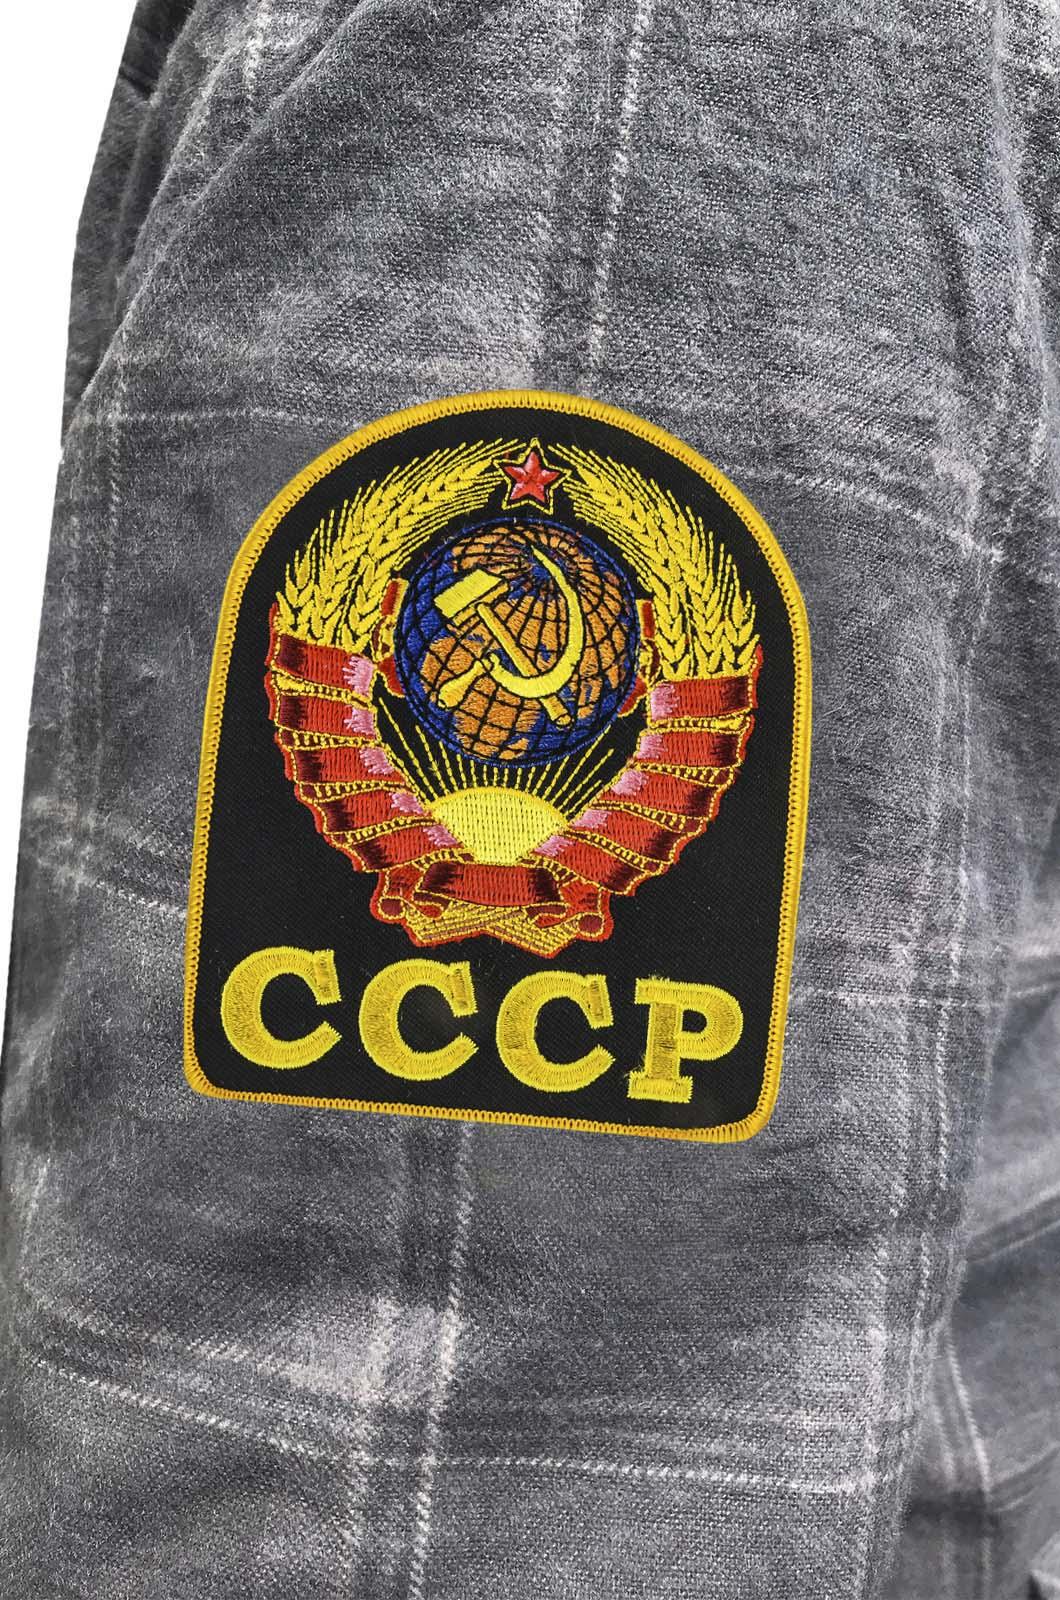 Рубашка СССР